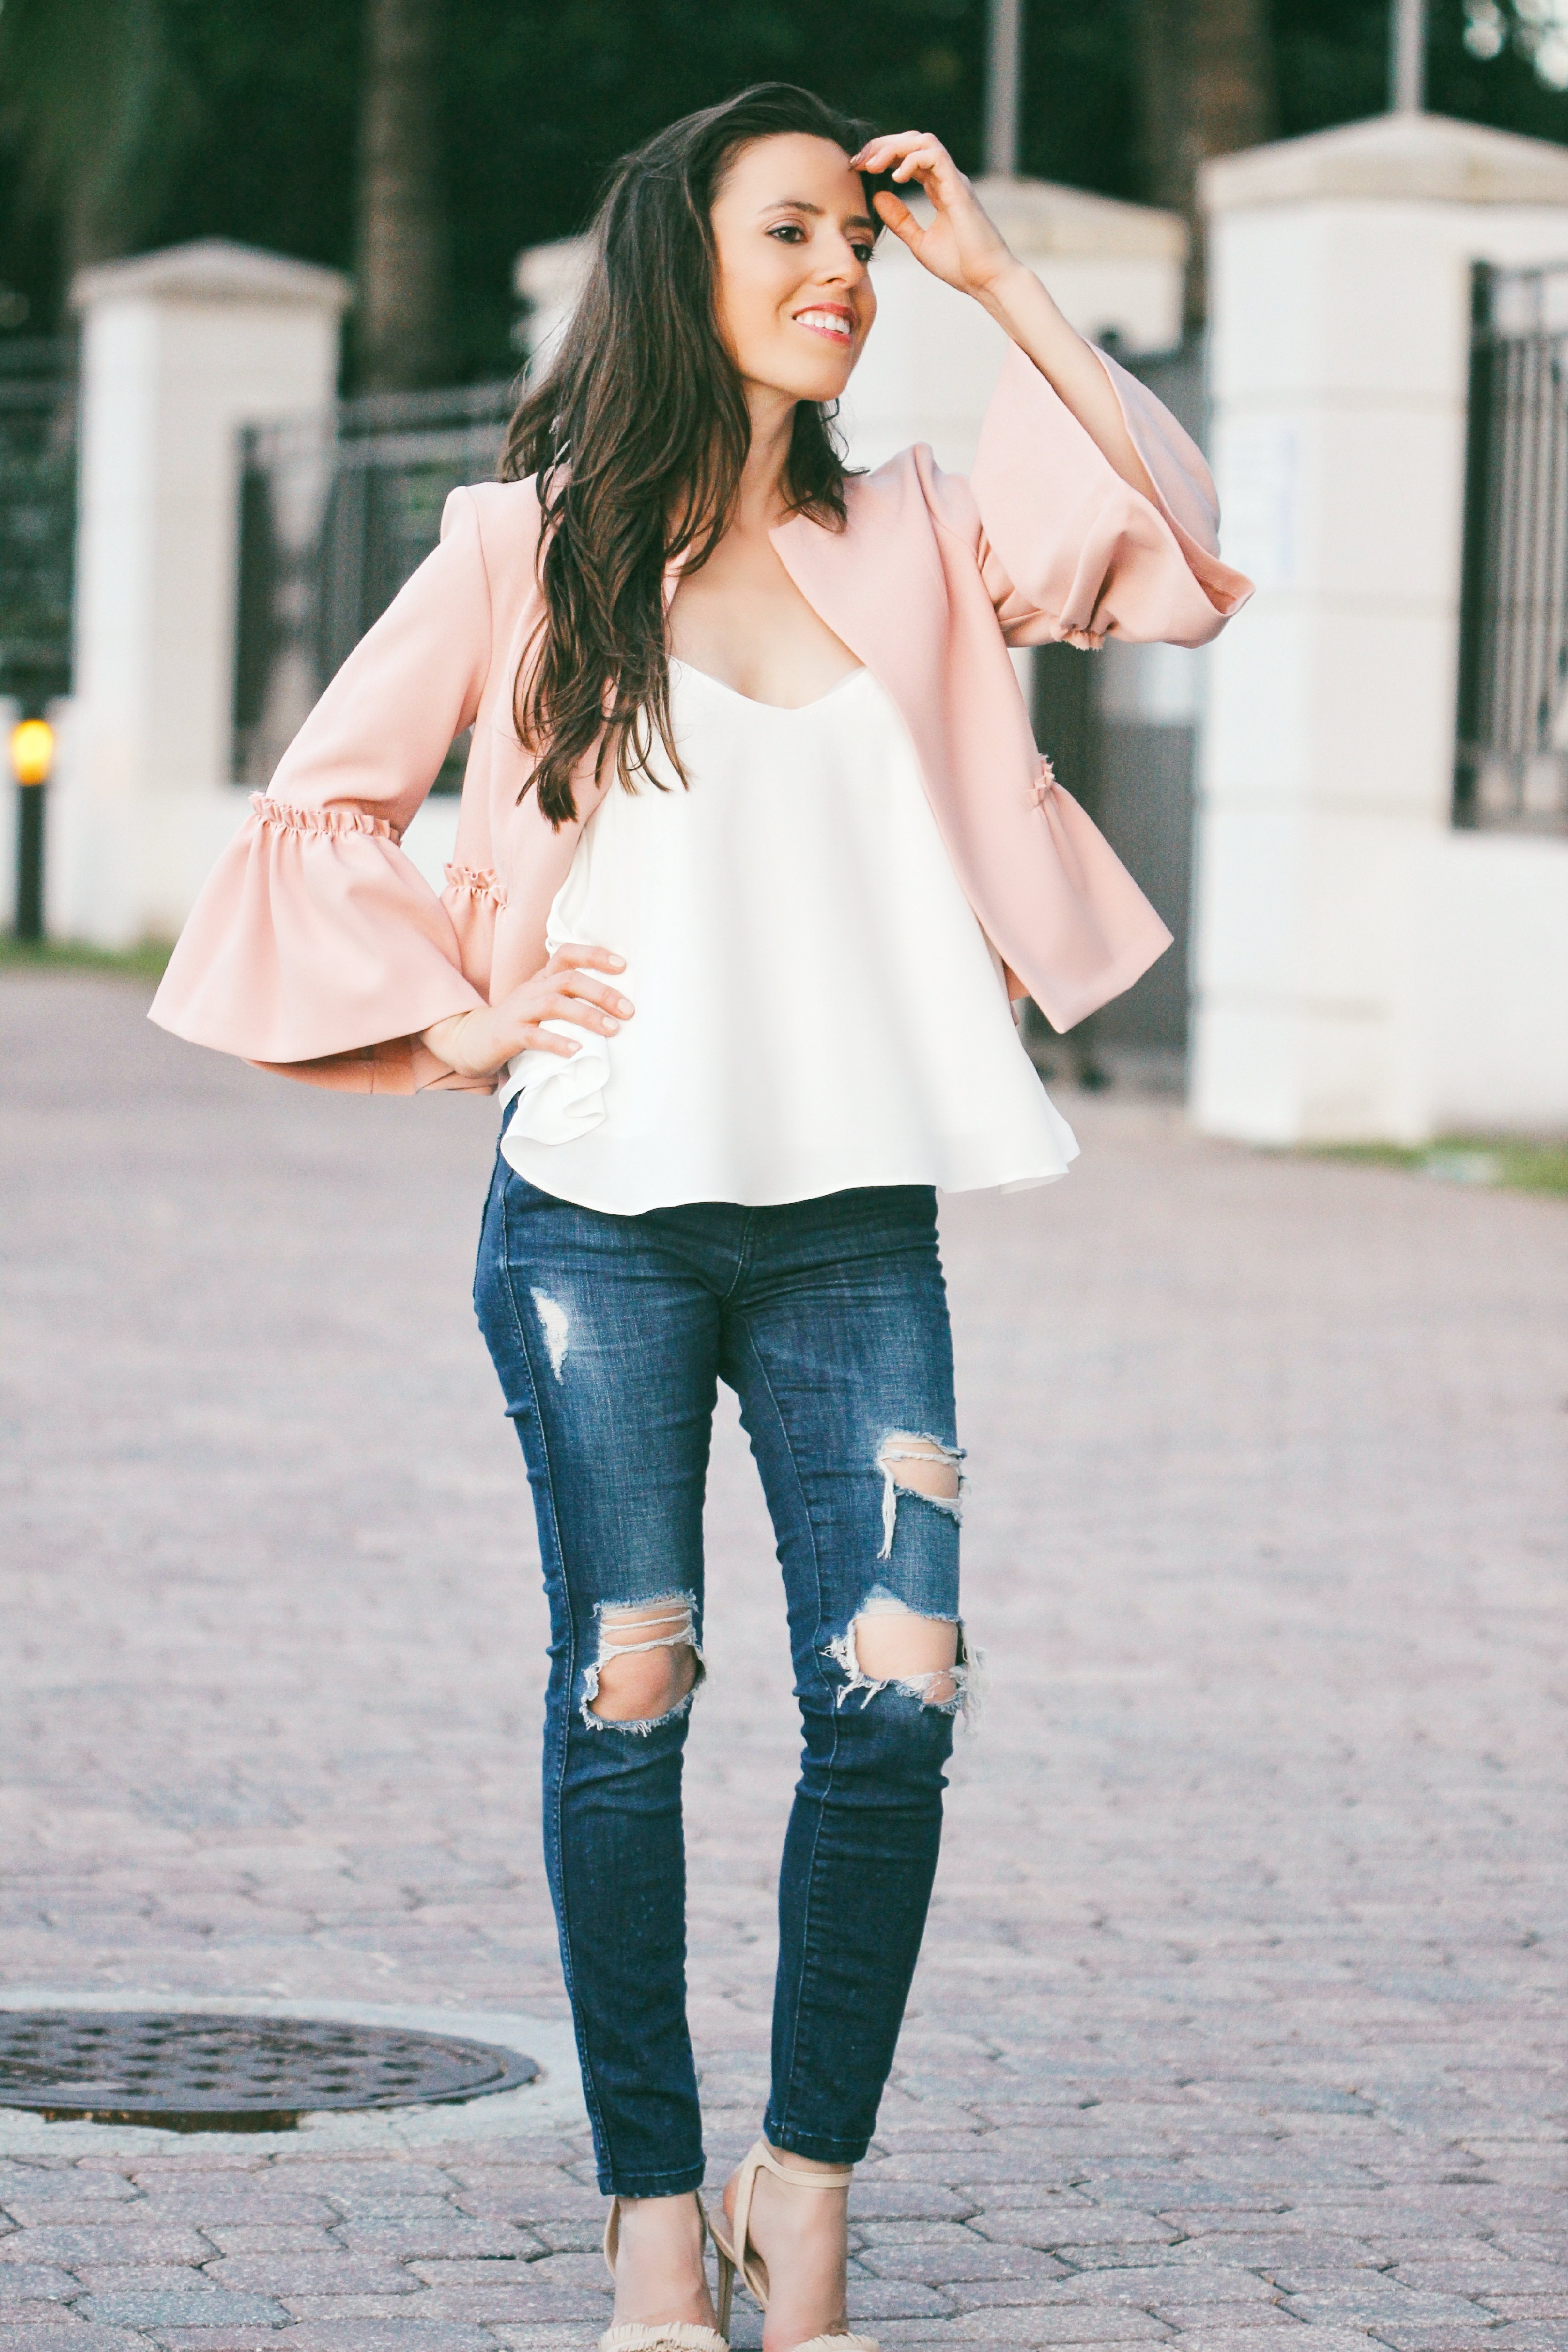 topshop jacket miami fashion blogger